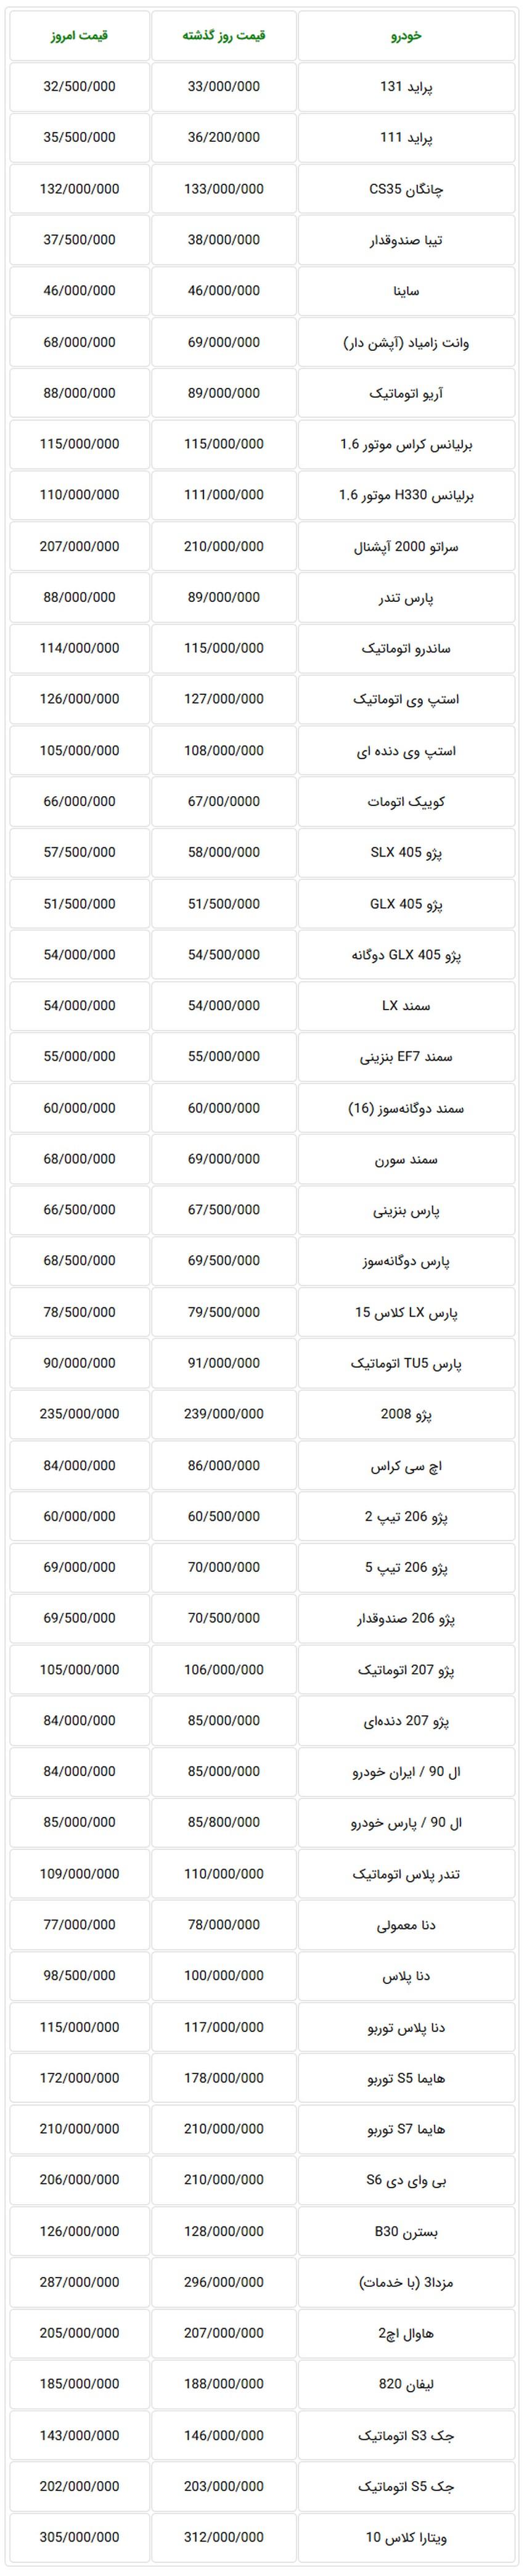 جدول قیمت جدید خودروهای داخلی امروز یکشنبه در بازار تهران